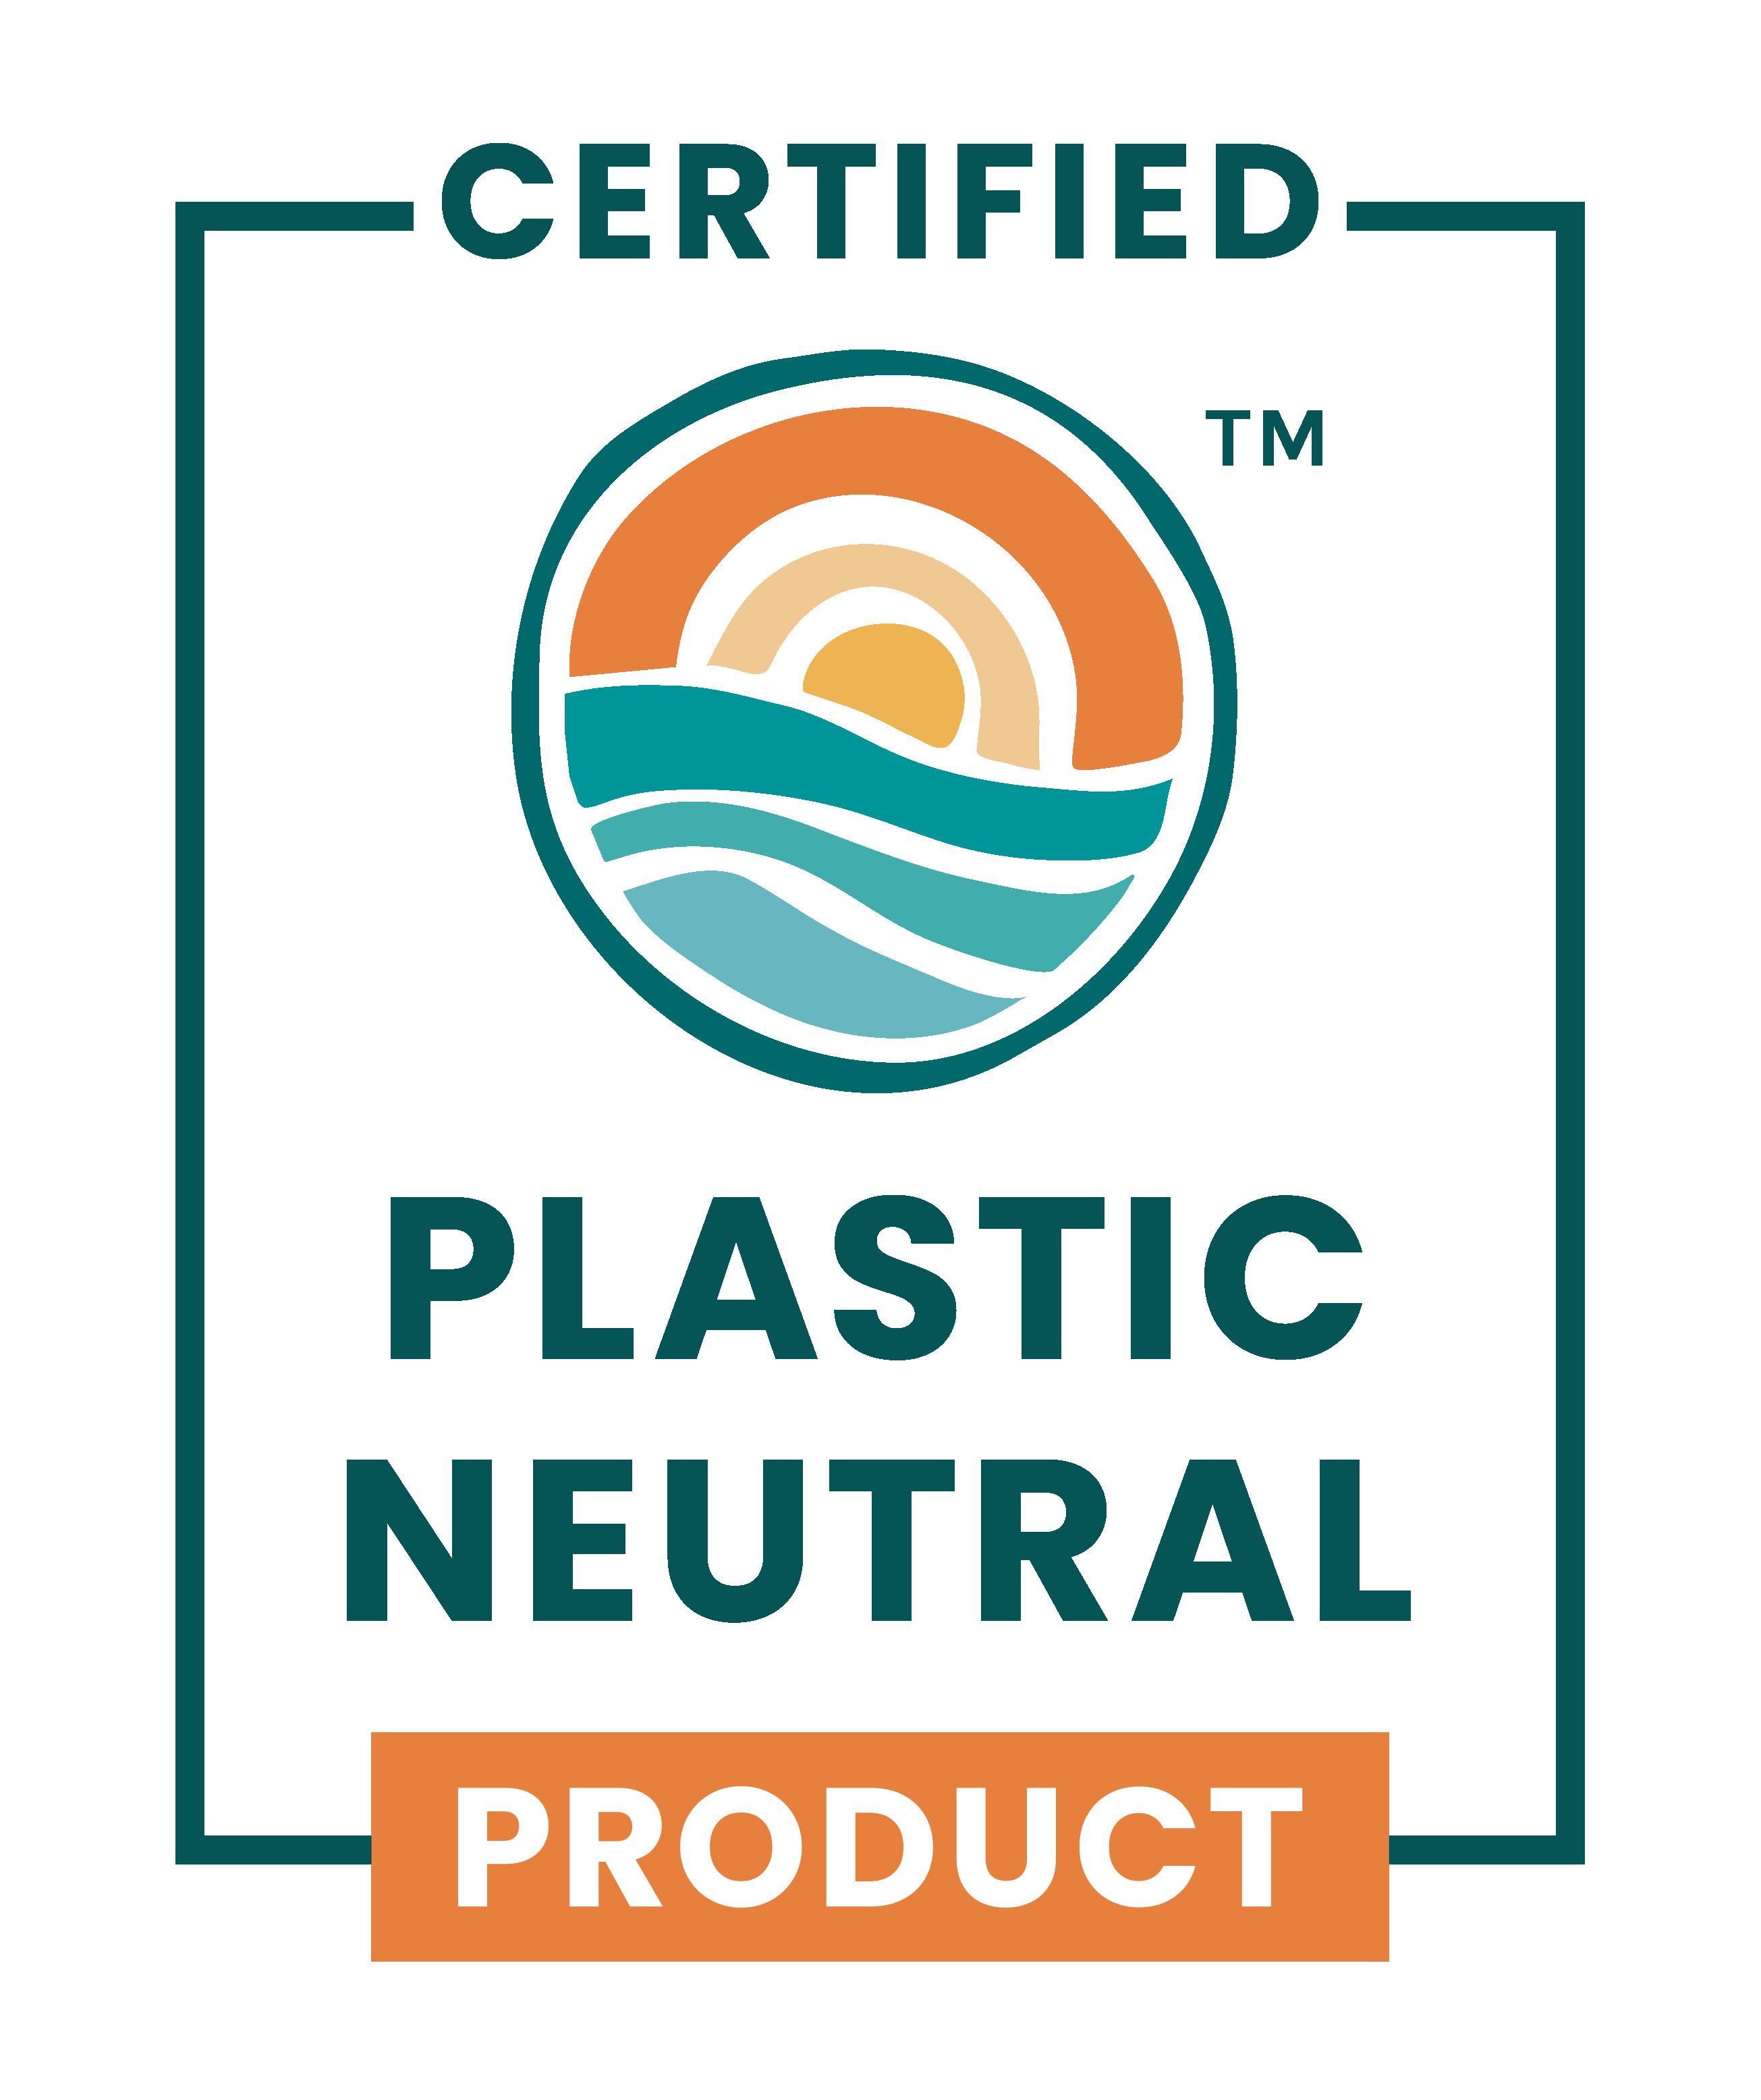 v-plasticneutral-product-color.png